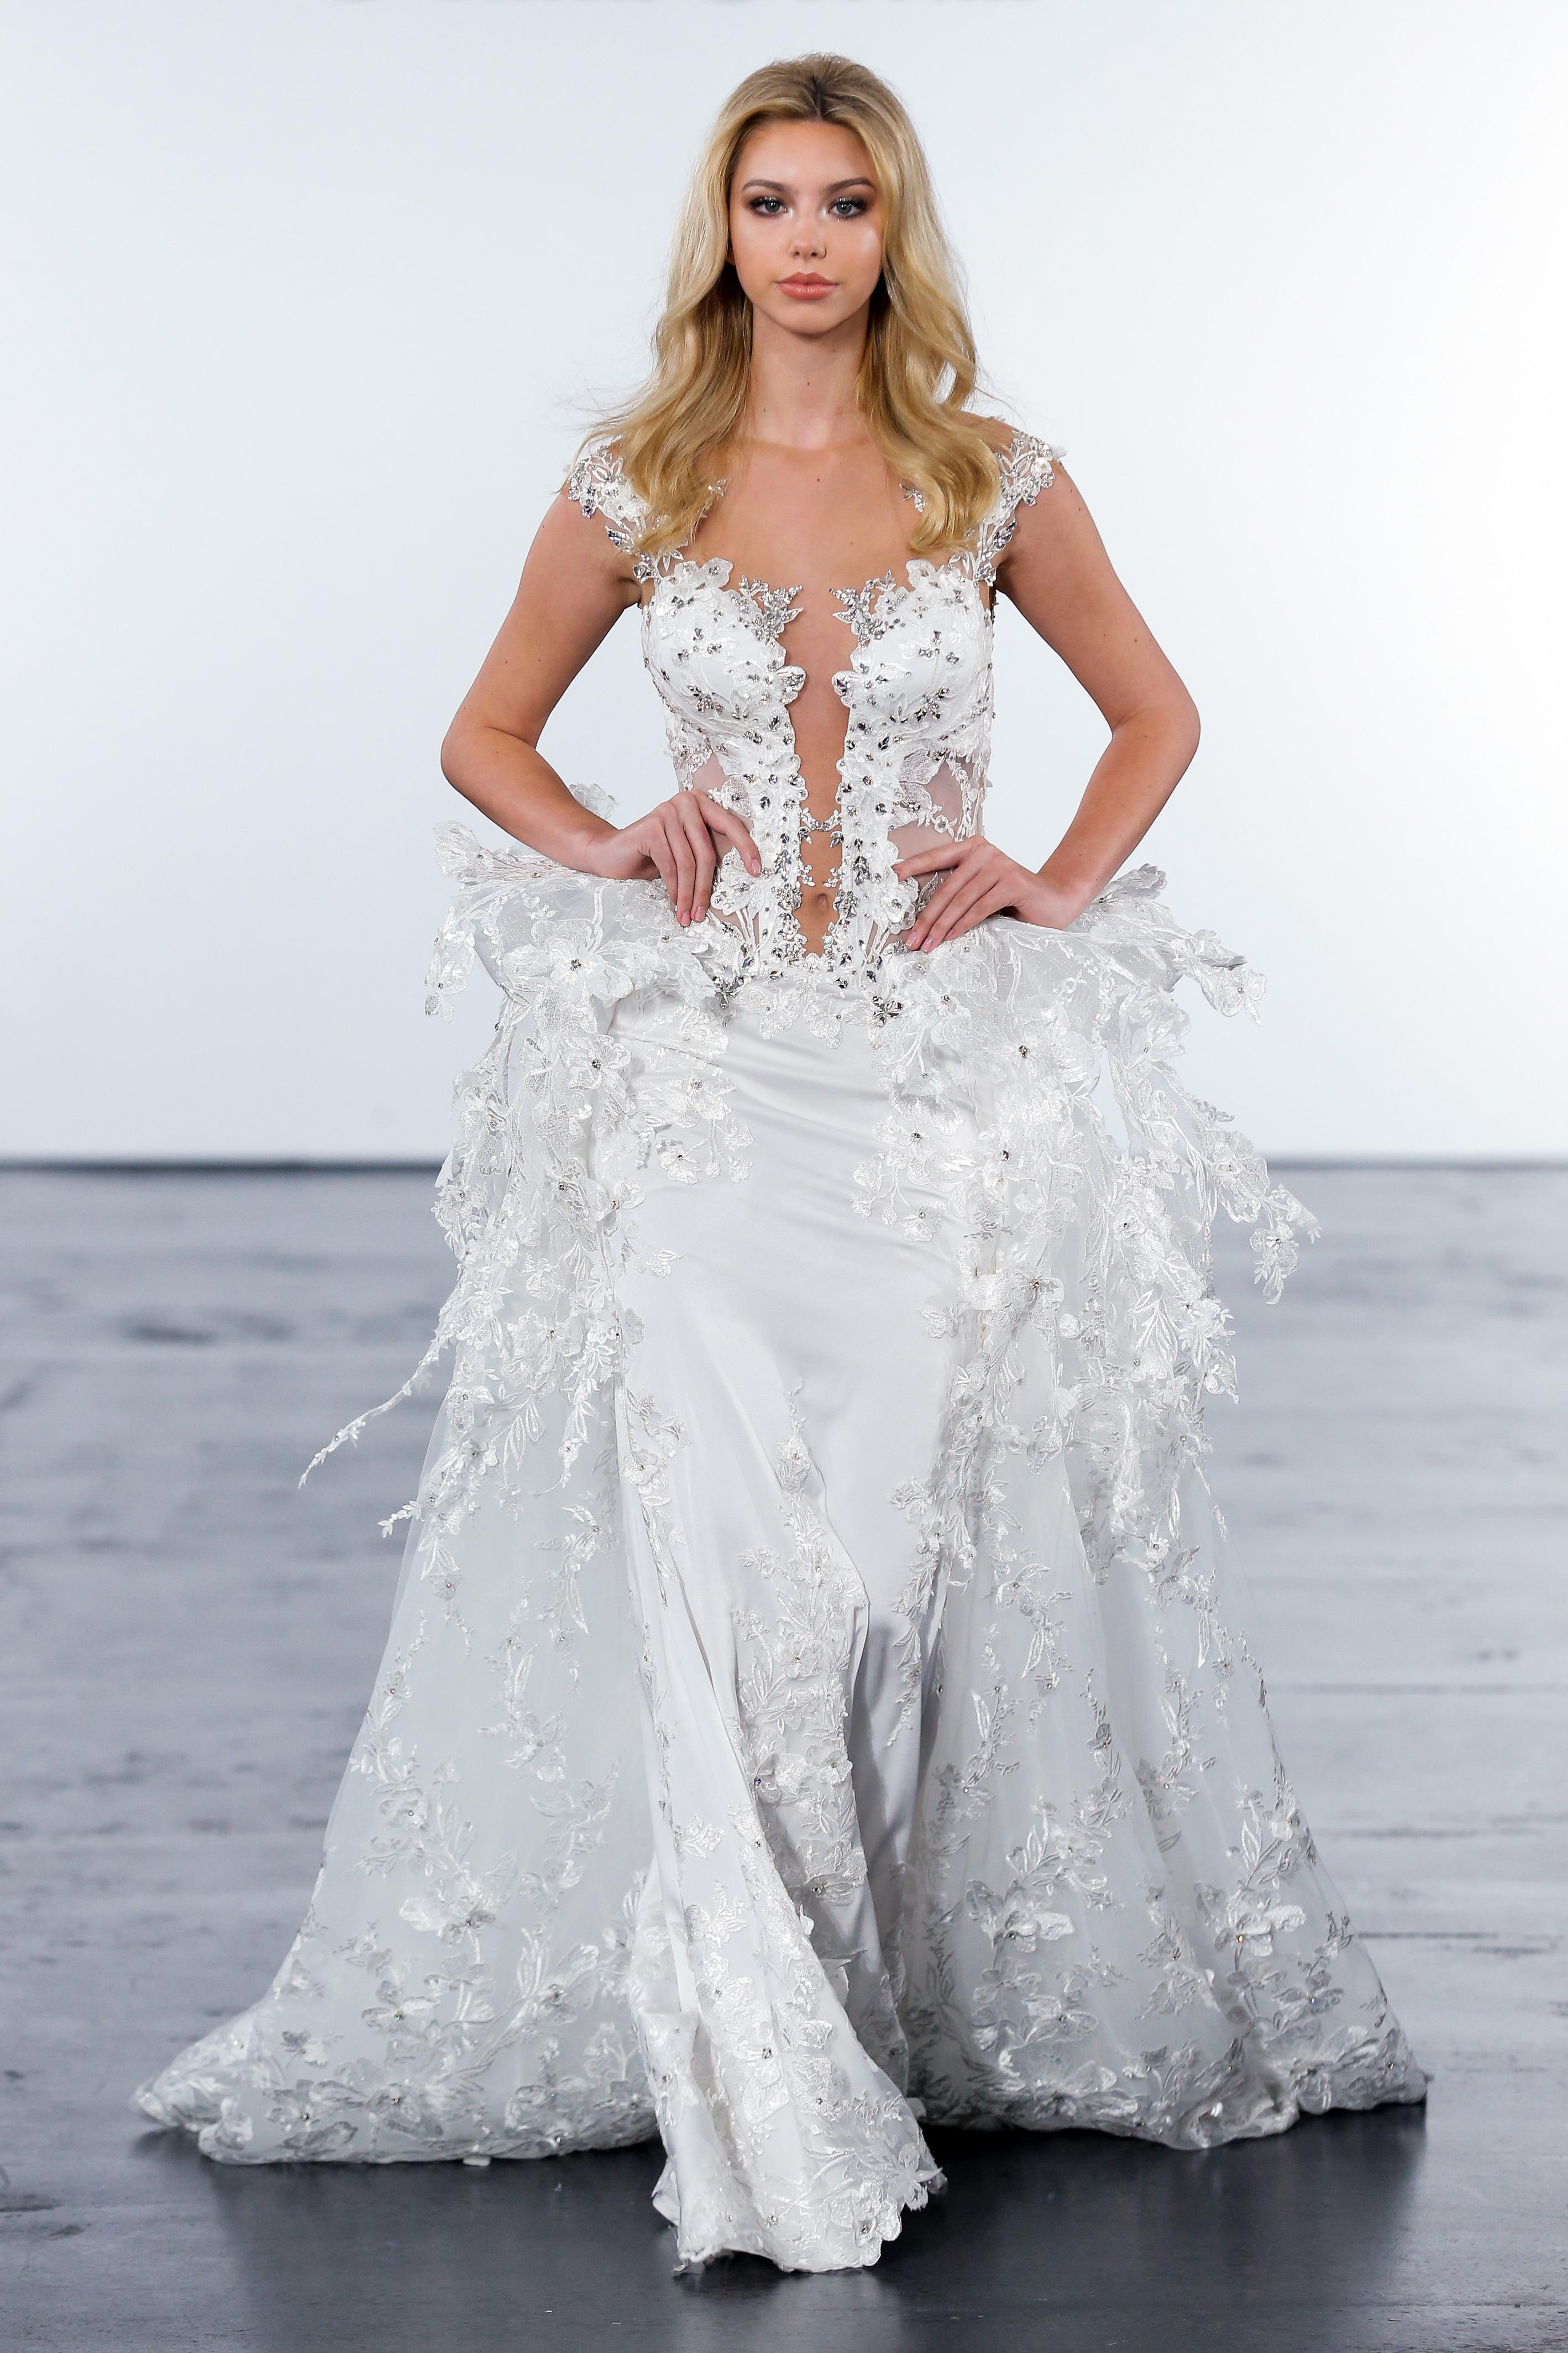 pnina tornai fall 2018 embellished gown sheer train wedding dress